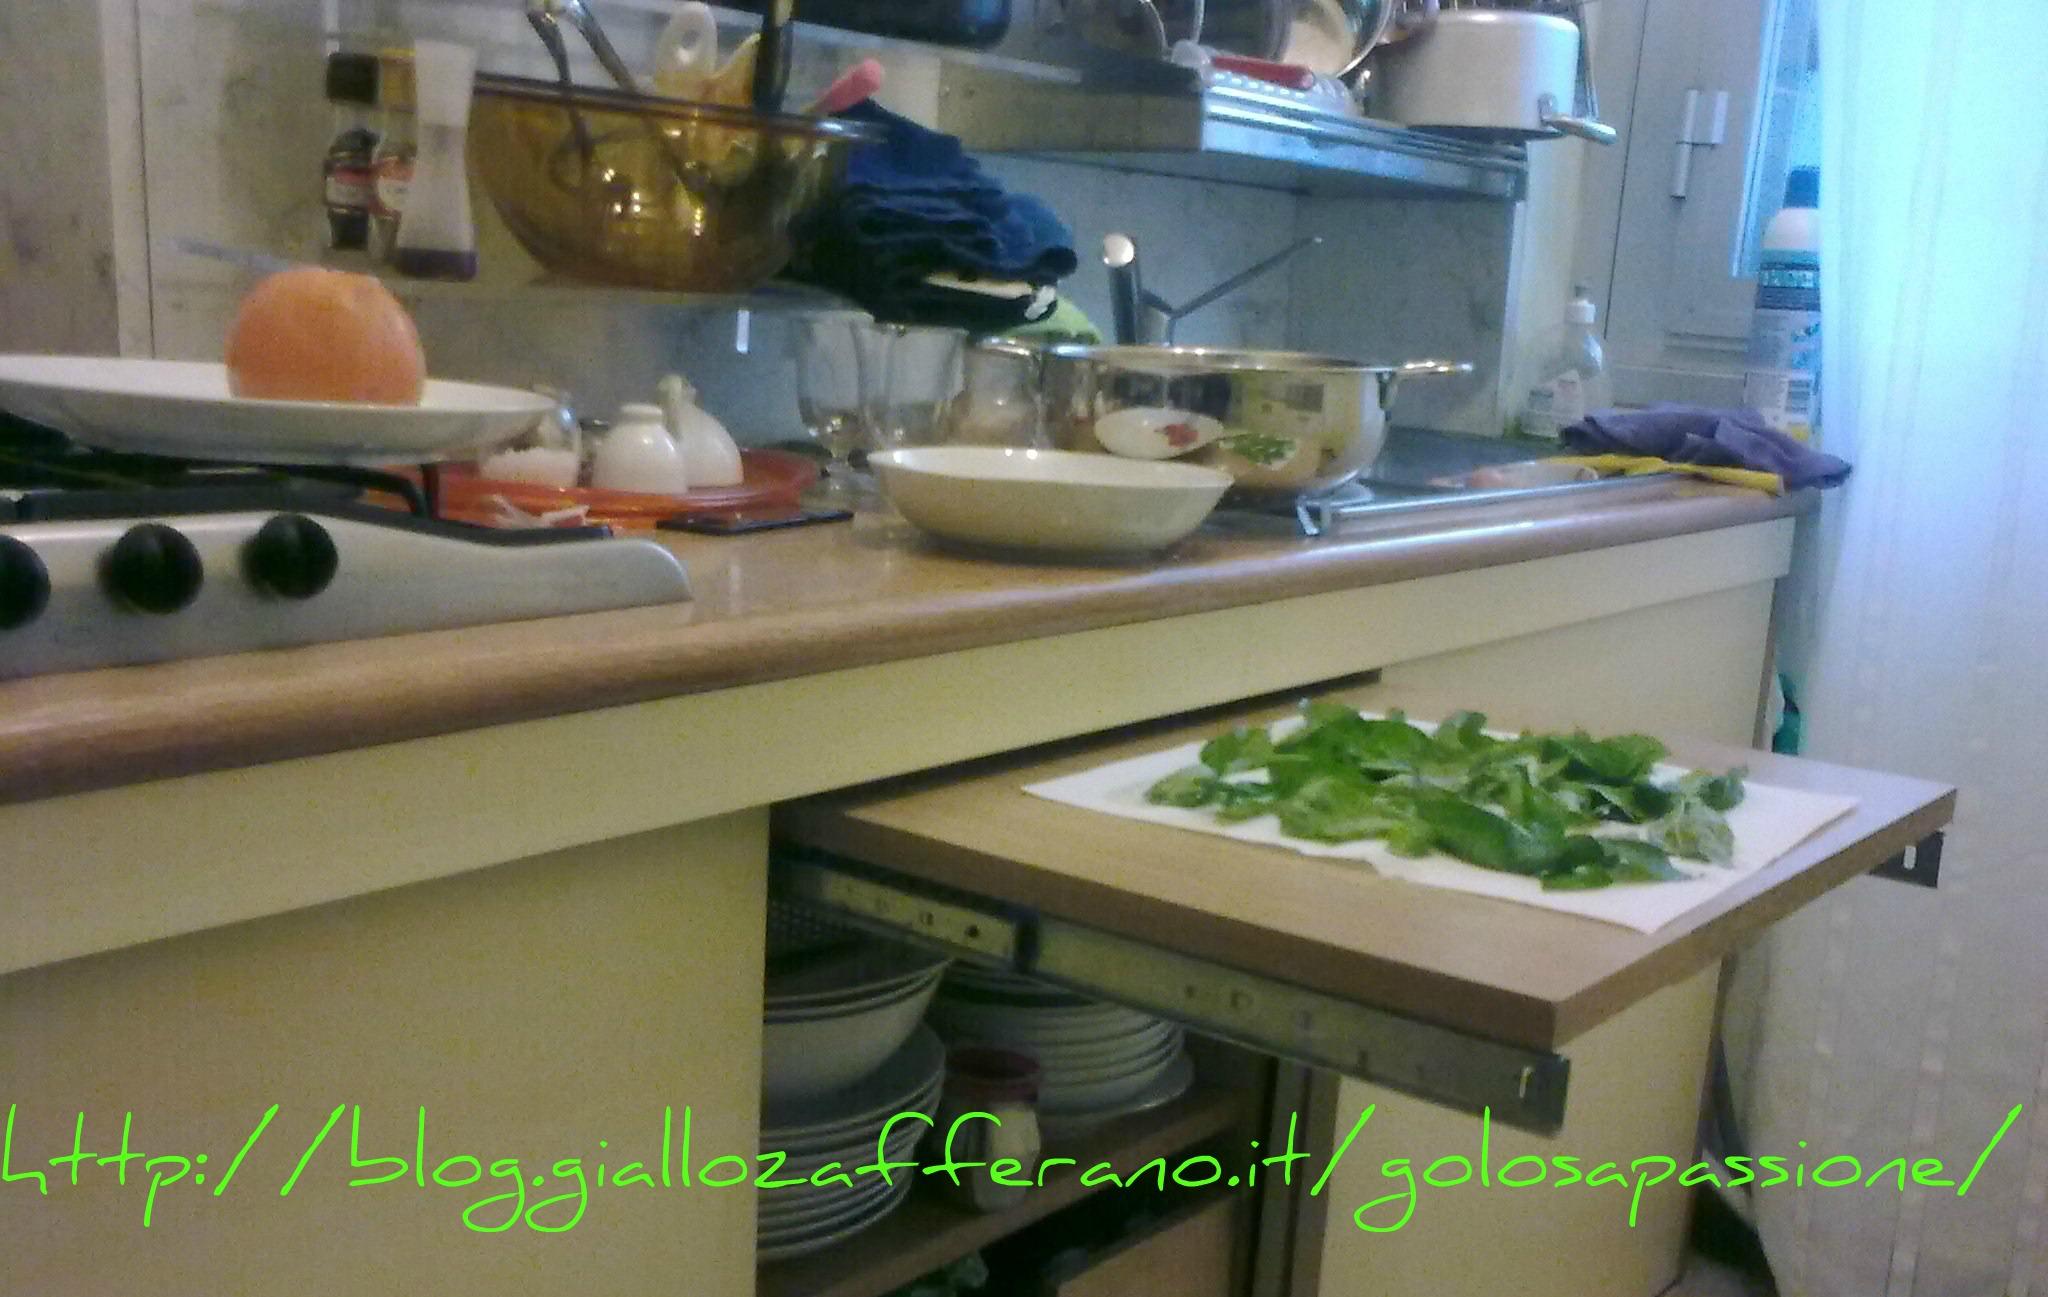 Aromi e metodo di conservazione lo specchio in cucina - Aromi in cucina ...